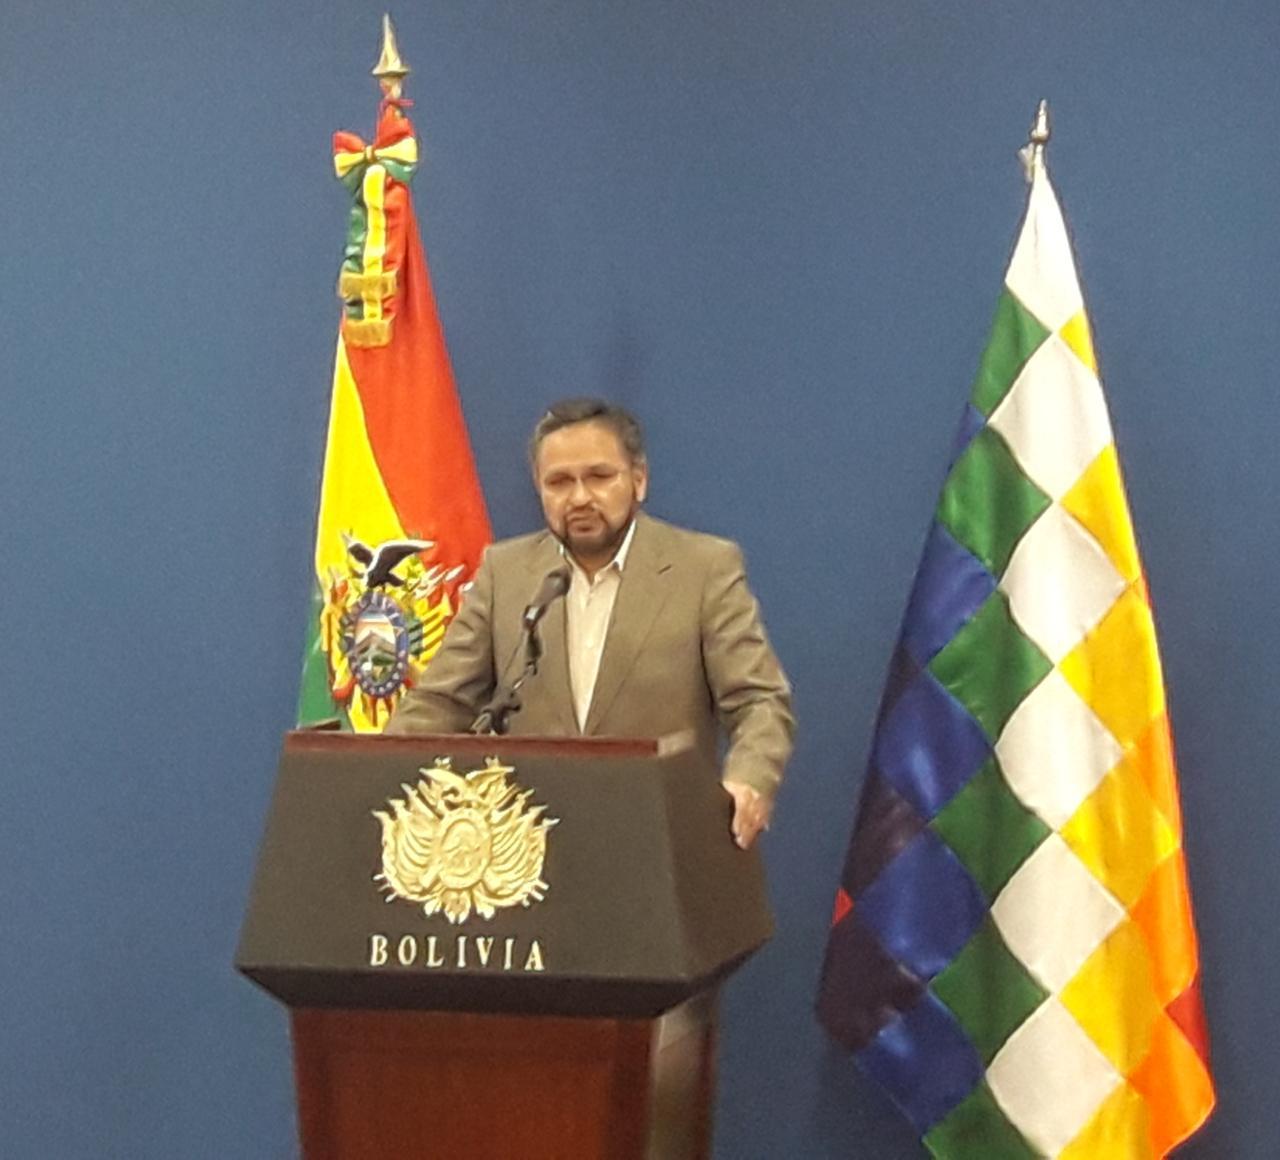 Ministro de la presidencia convoca a Colegio Médico a participar de los encuentros por la salud y la vida